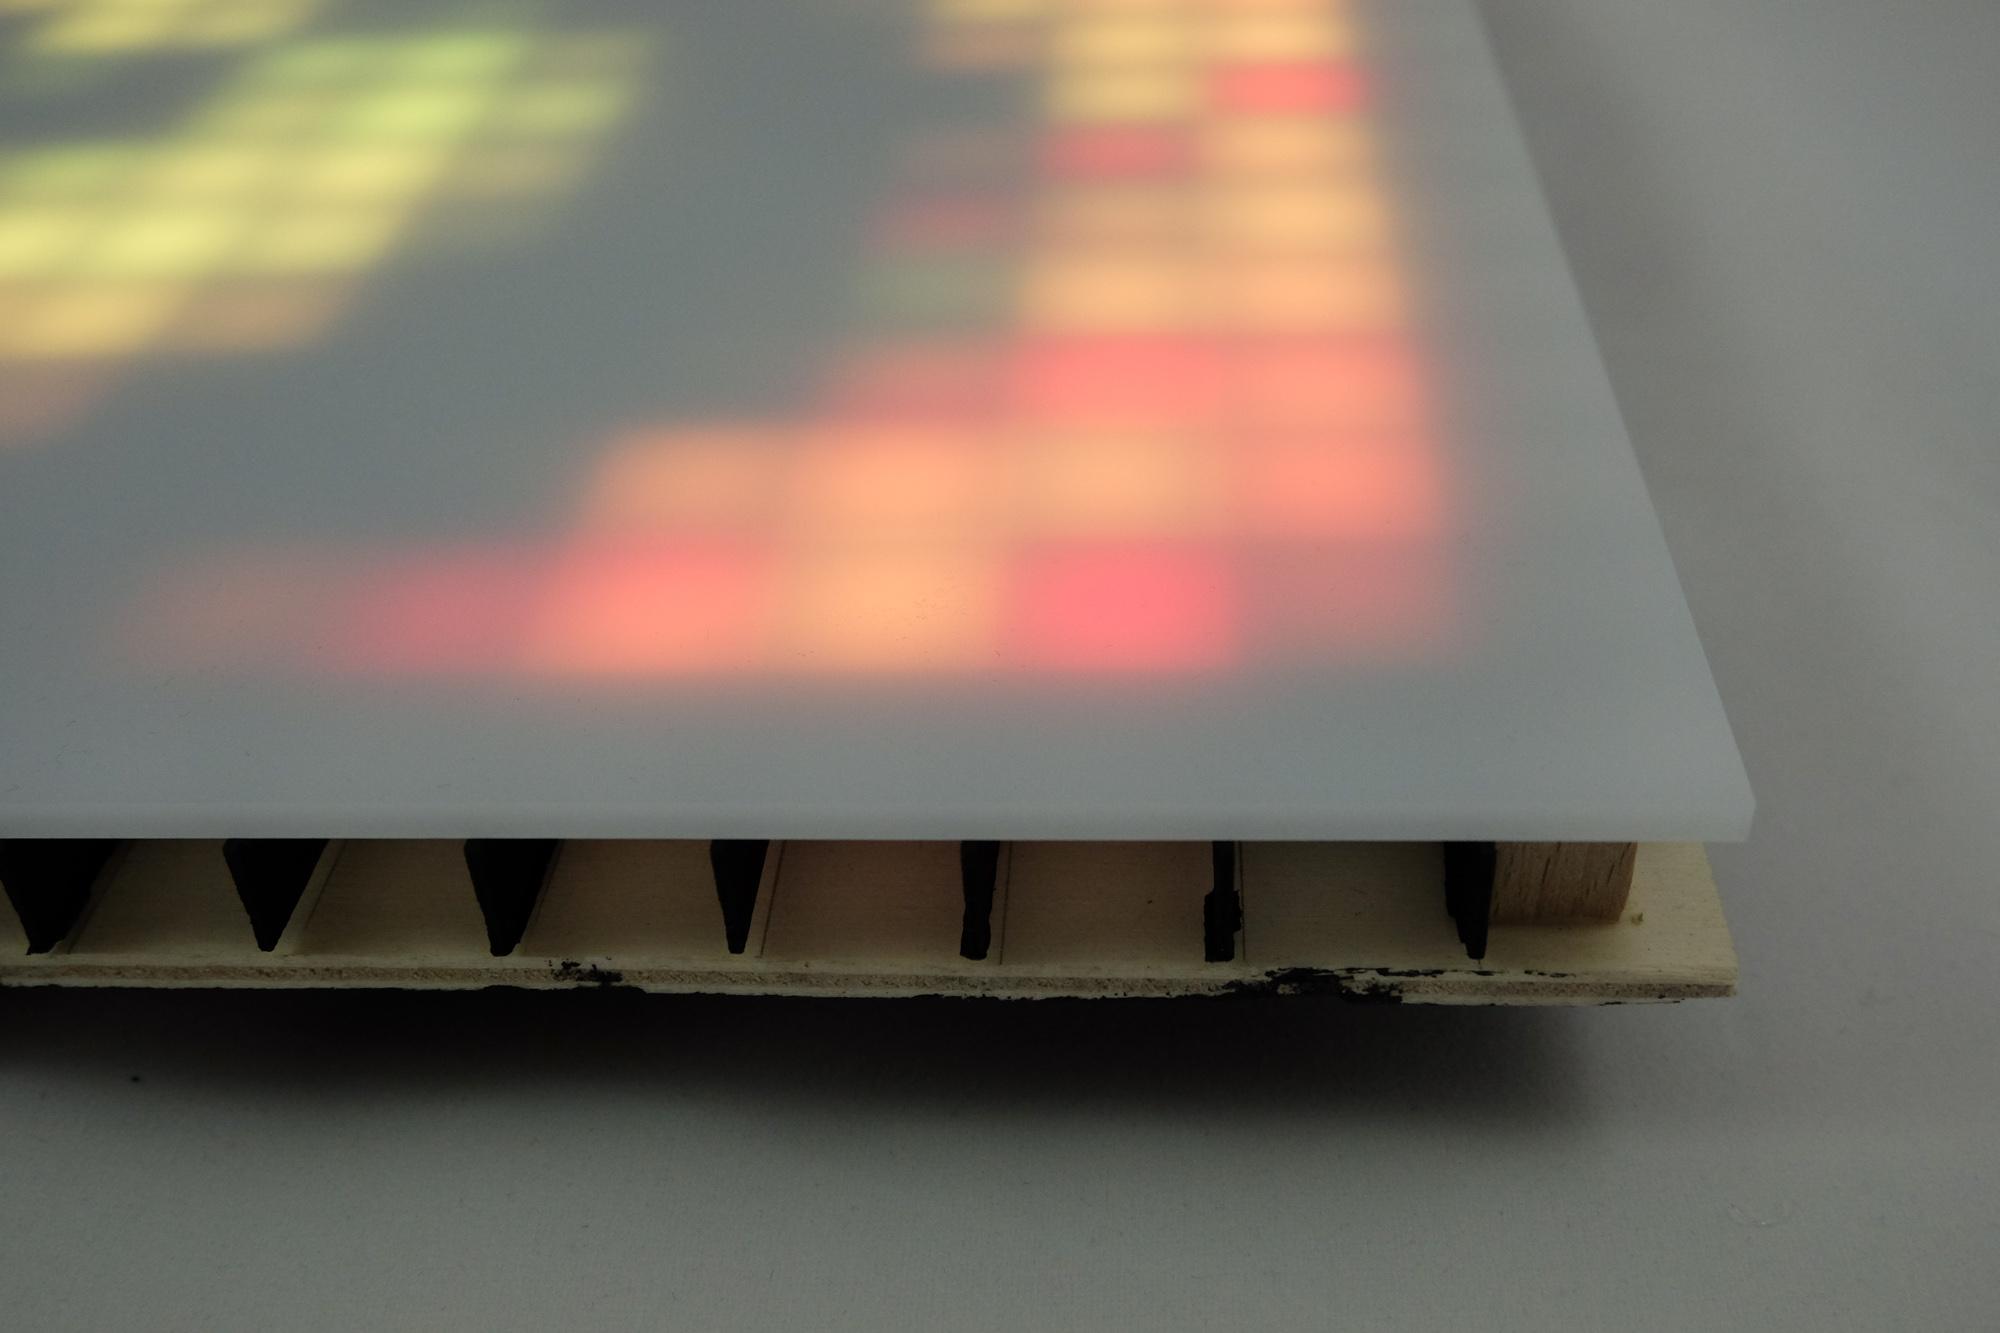 LED Matrix Materials Guide | Marian's Blog